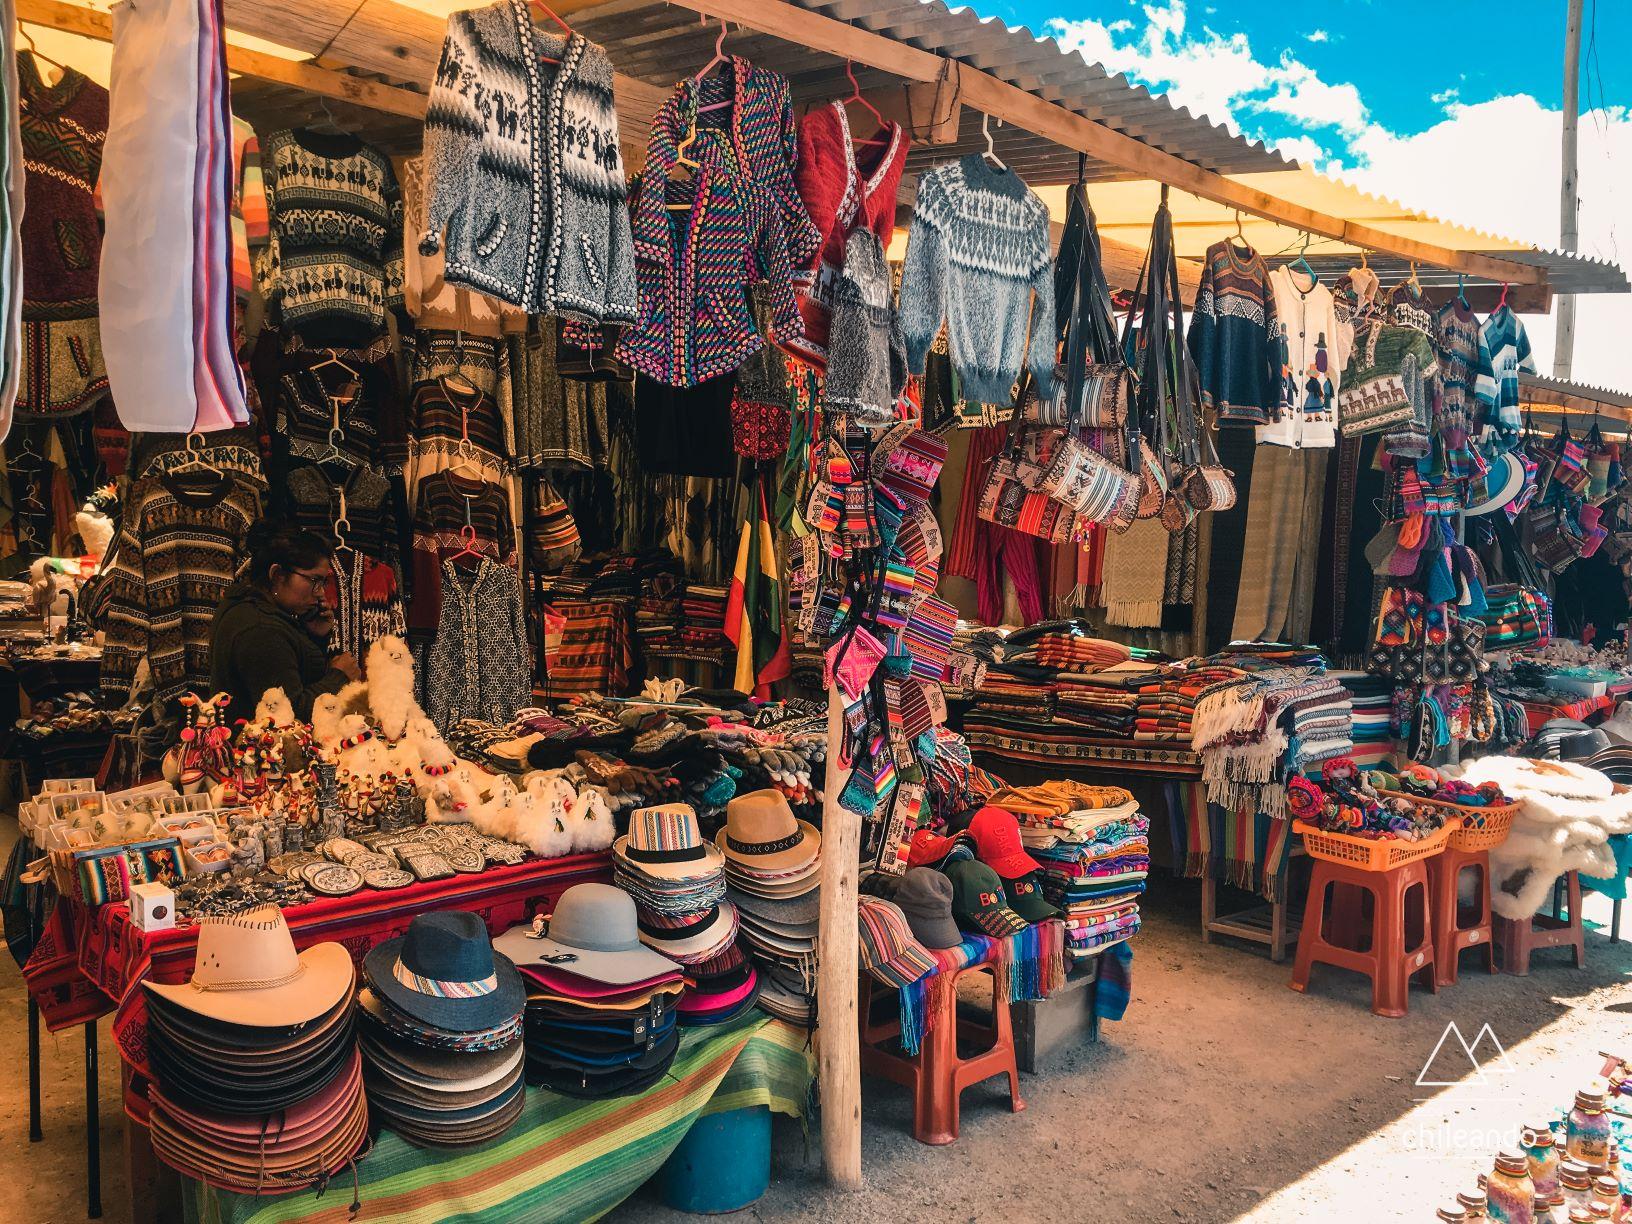 Feira de artesanatos bolivianos, em Uyuni